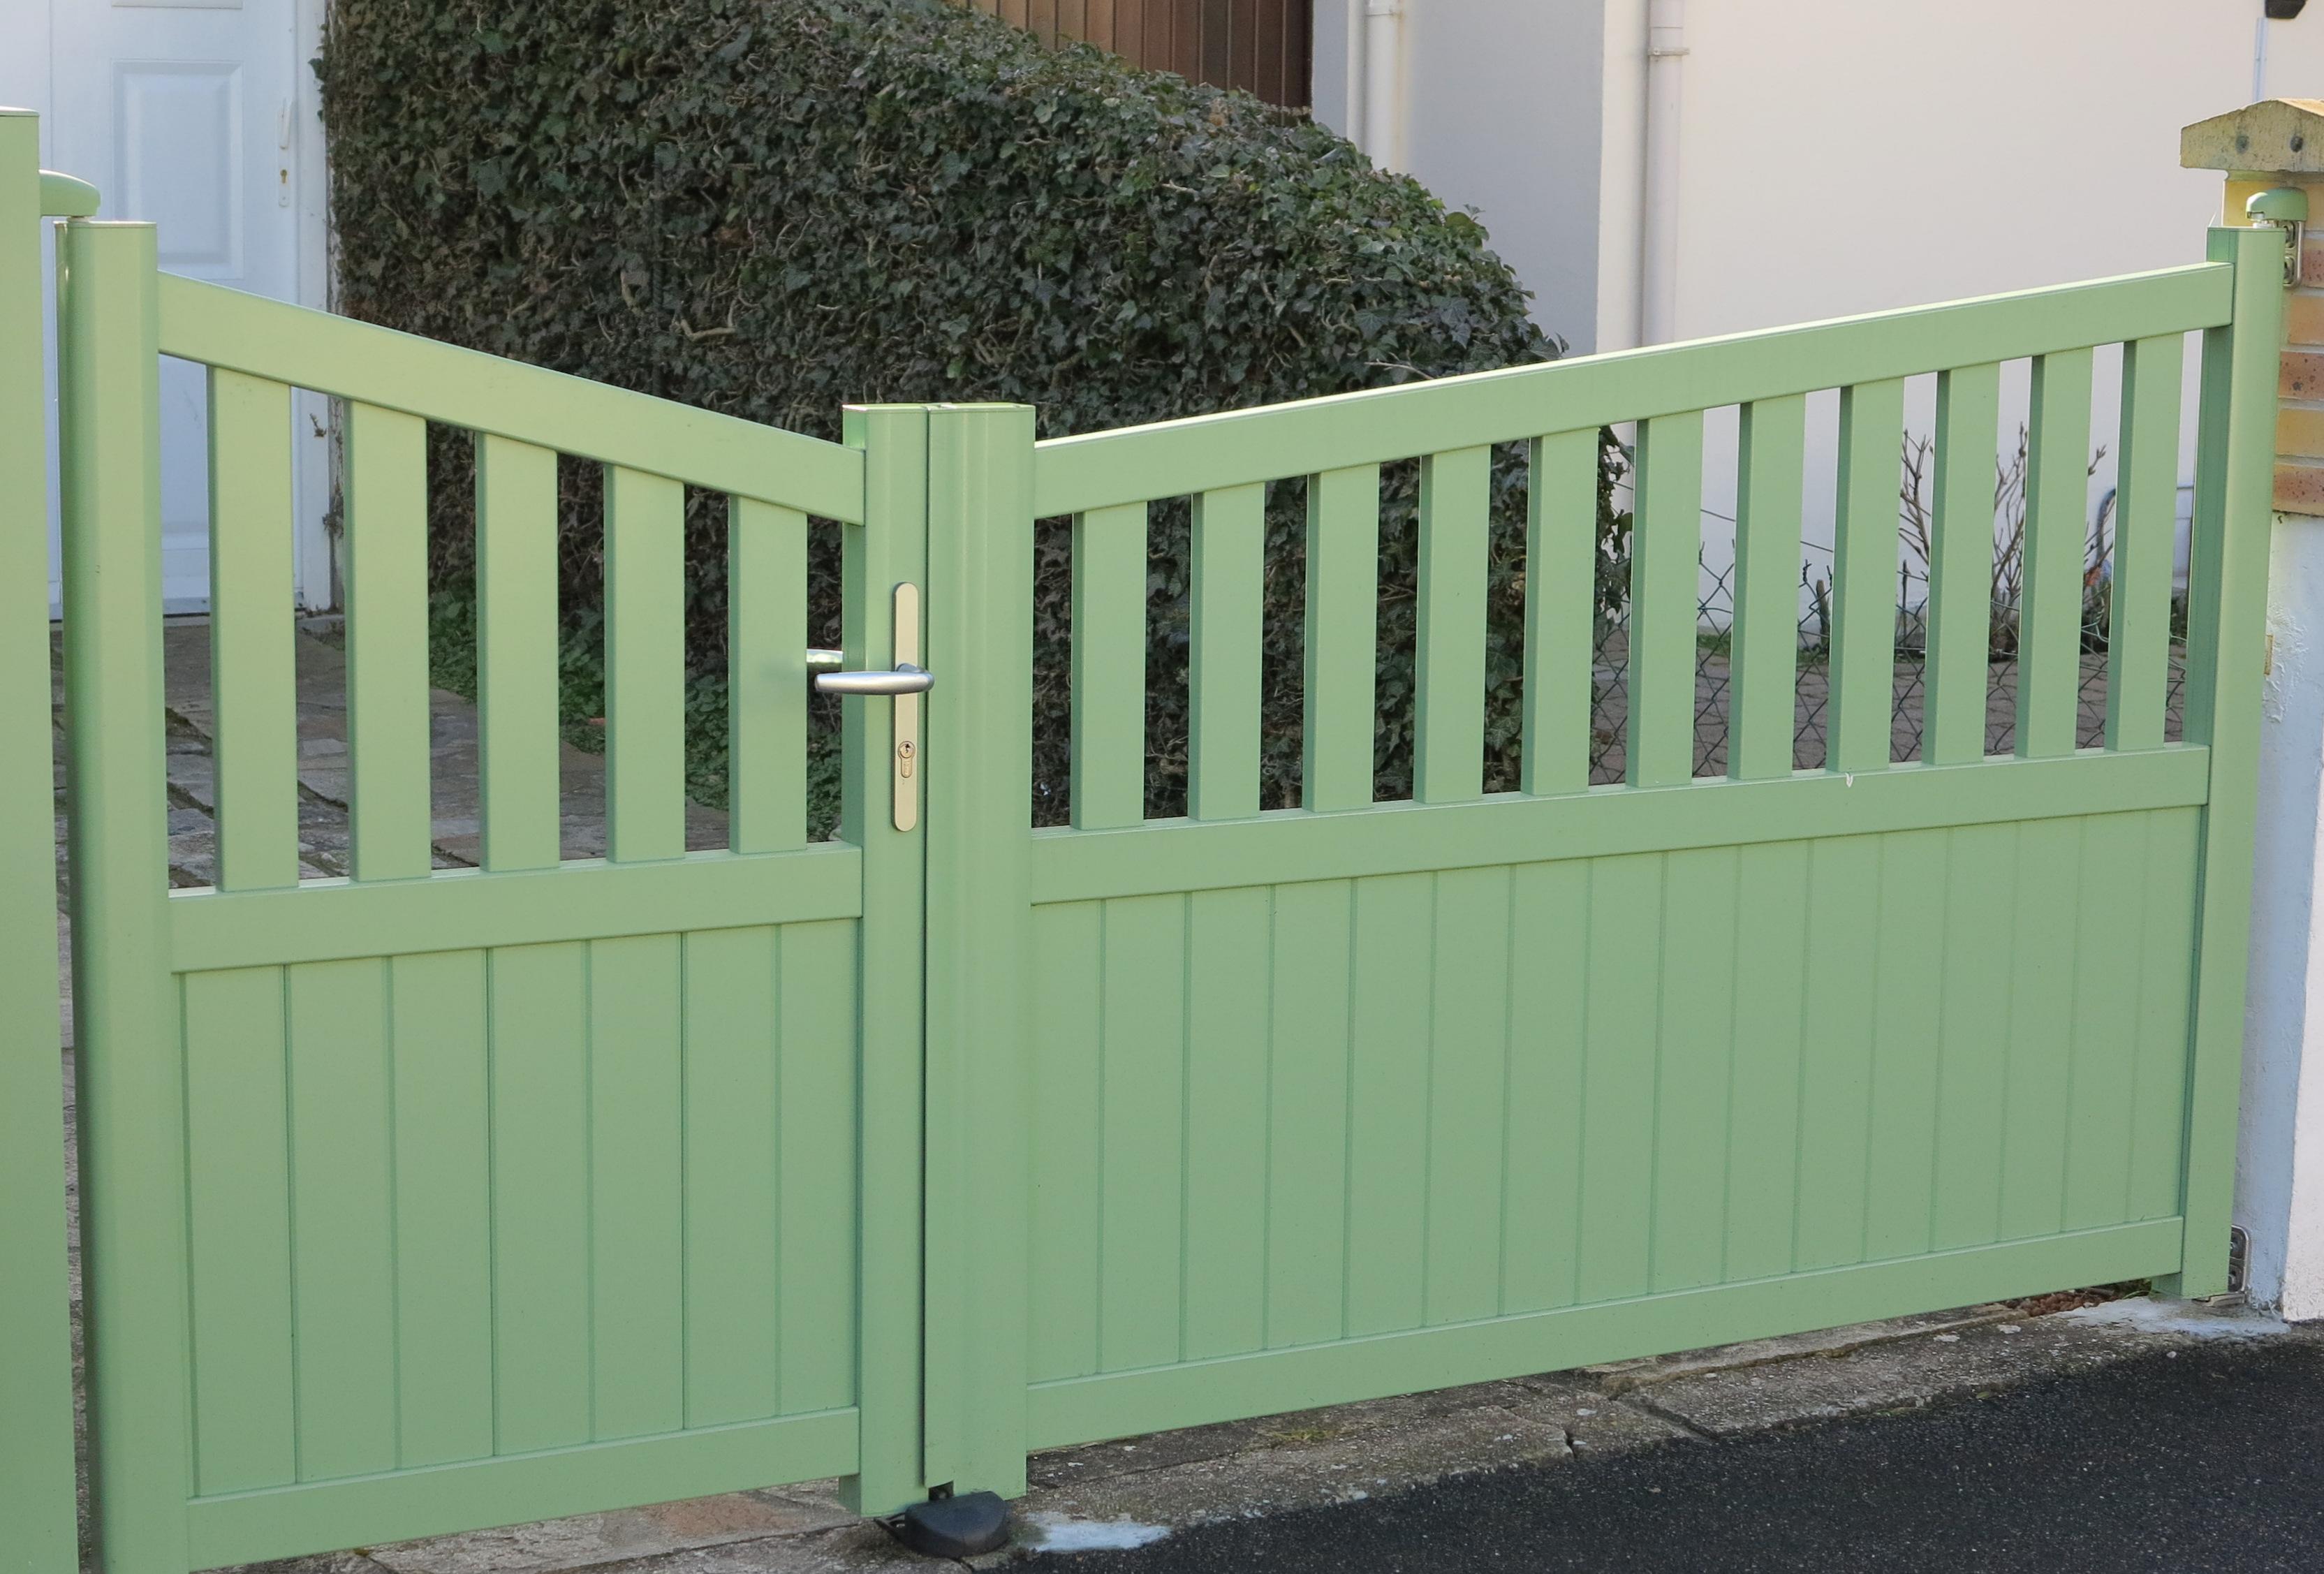 portail pvc vert pose d 39 un portail alu battant coloris vert angoul me 16 portail pvc. Black Bedroom Furniture Sets. Home Design Ideas